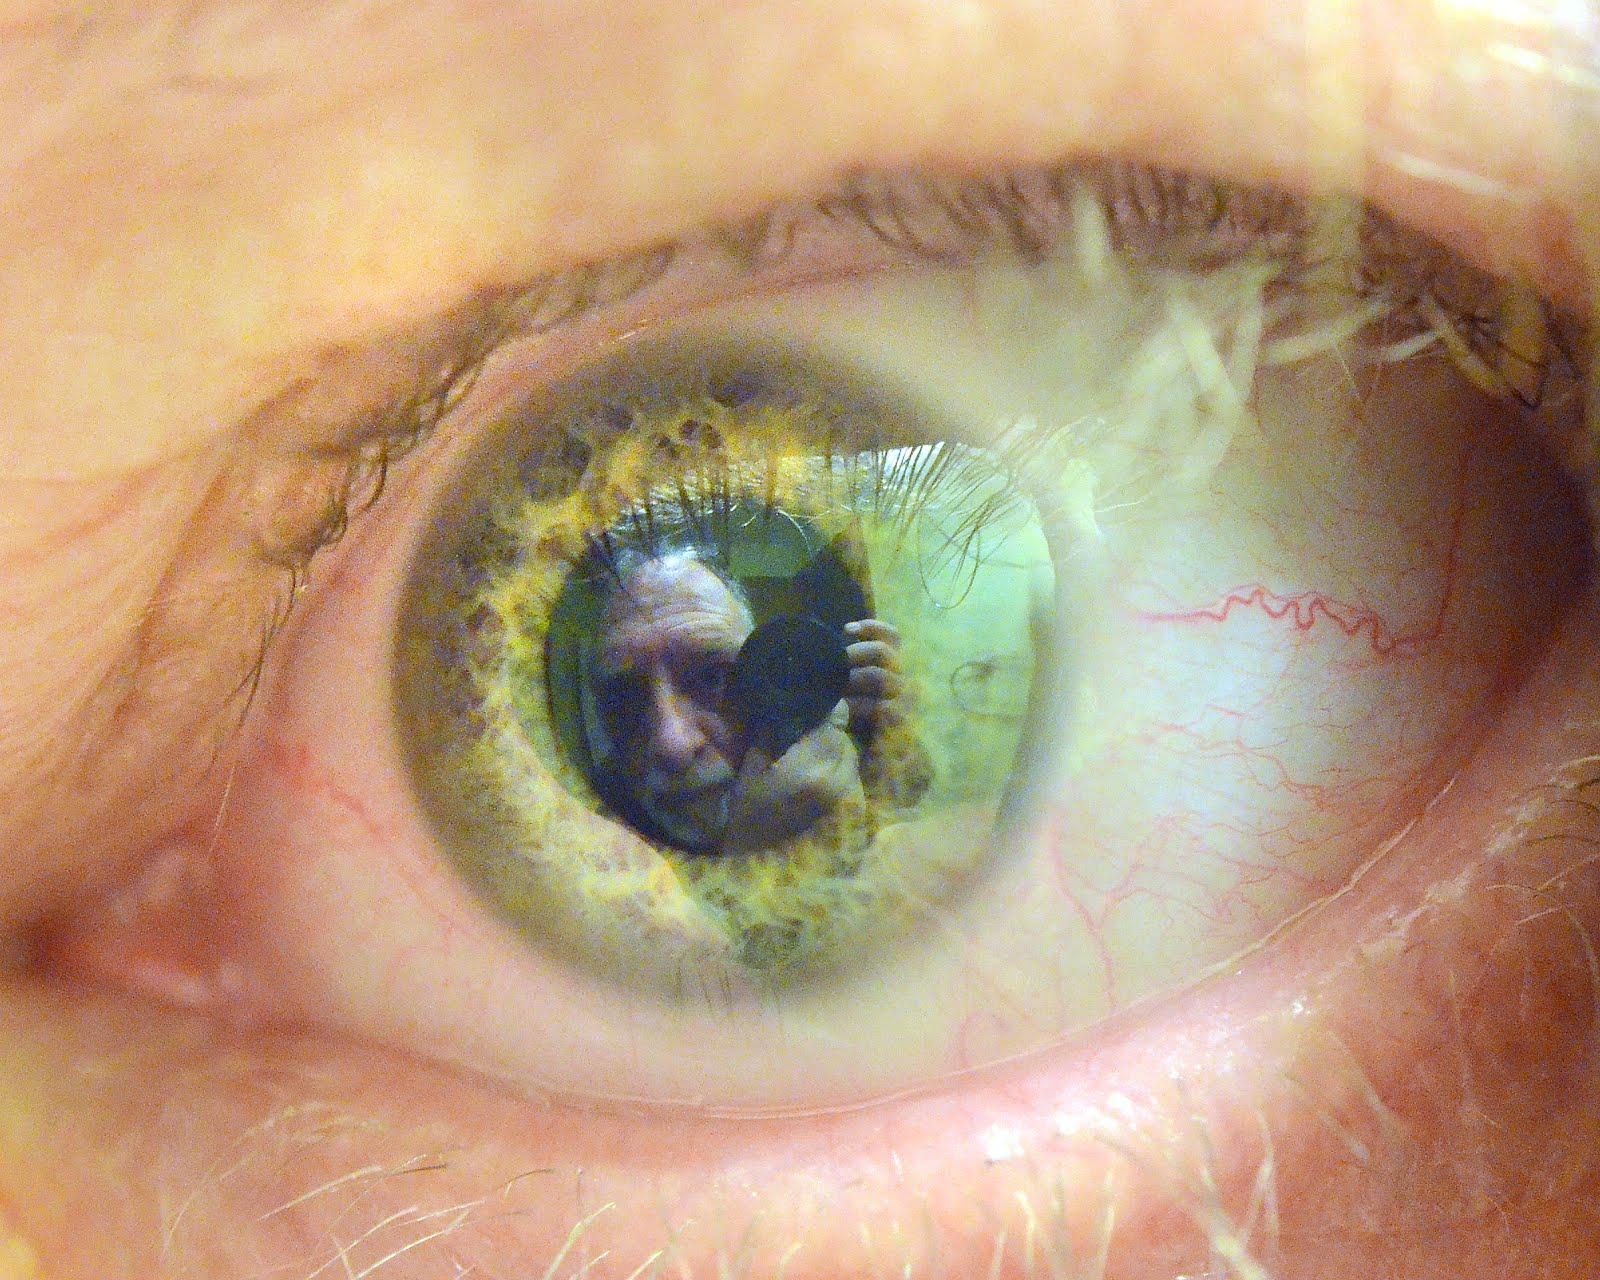 I - Eye